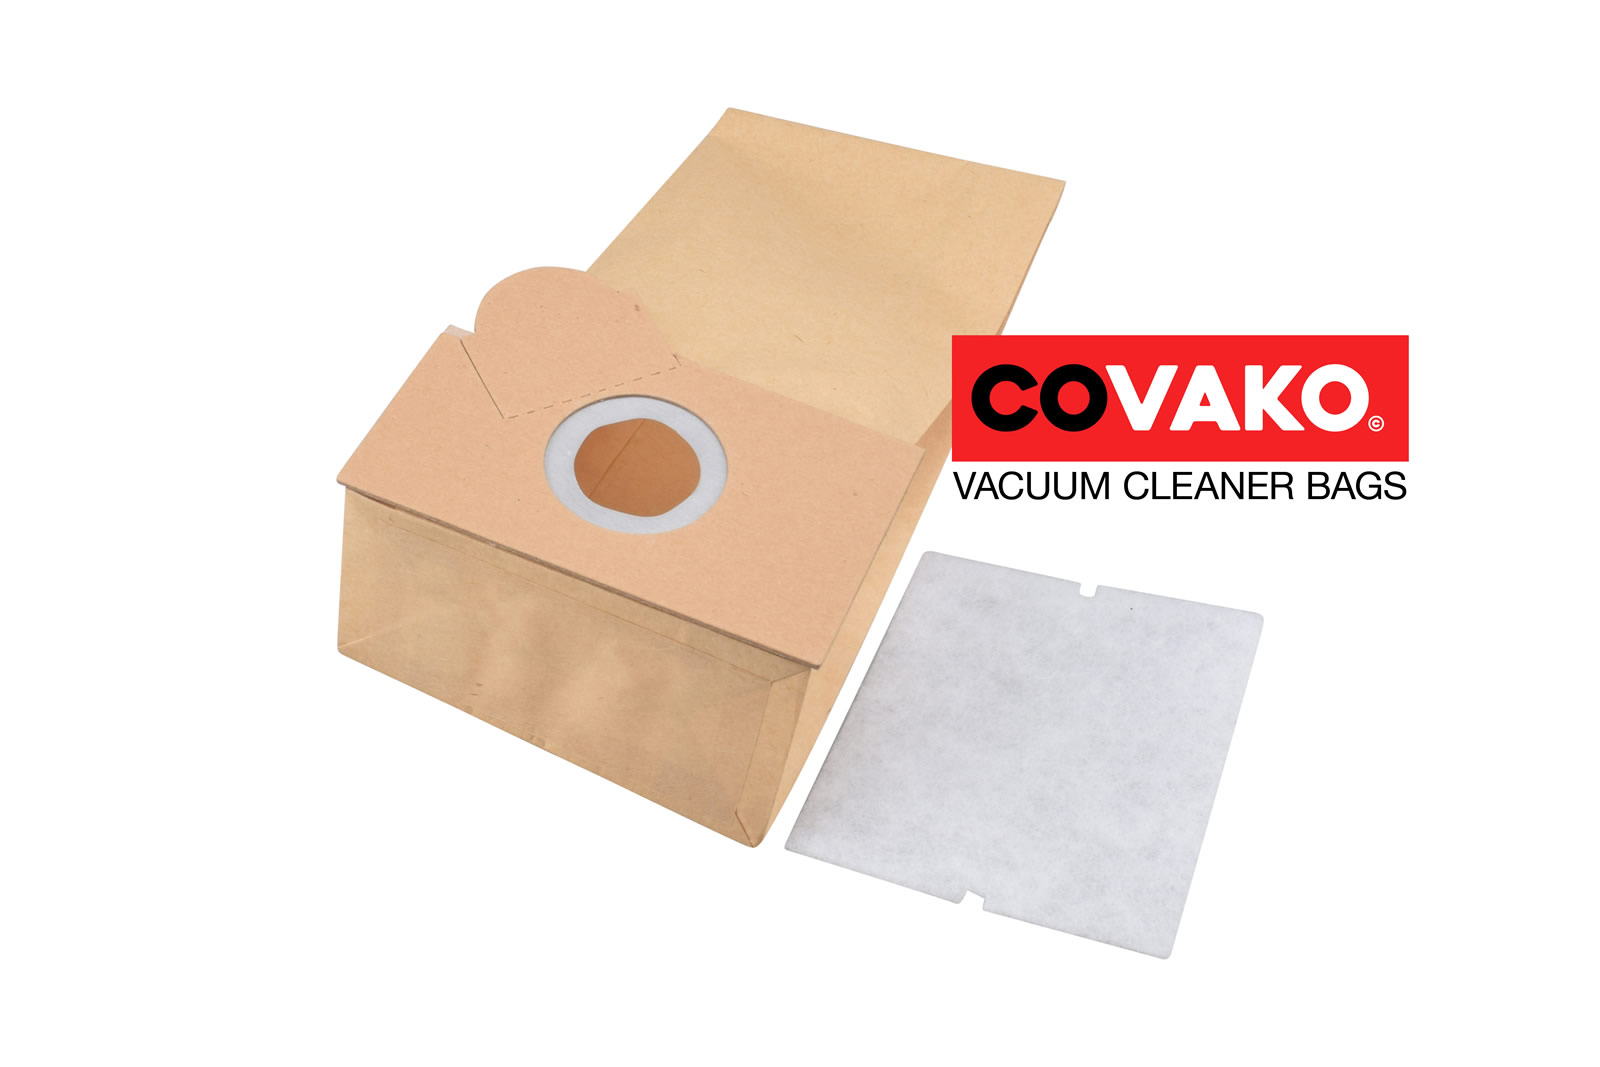 Fakir 1505 Ultra Saugaggregat / Paper - Fakir vacuum cleaner bags